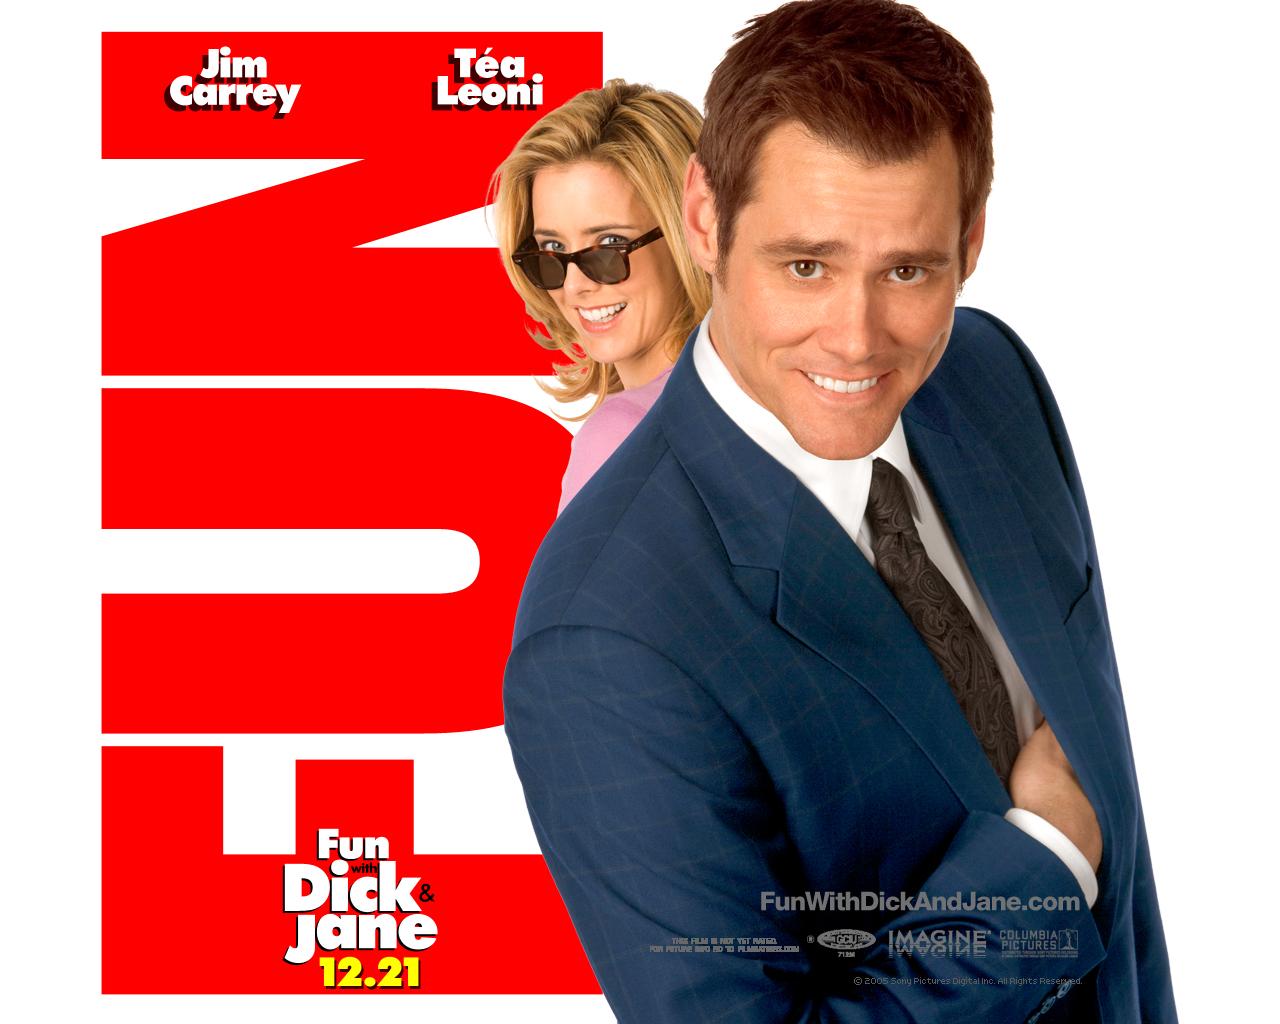 http://1.bp.blogspot.com/-asjXS6Vdg4U/TcQaLg10pgI/AAAAAAAAA80/WwlZOCSj7lw/s1600/Jim_Carrey_in_Fun_with_Dick_and_Jane_Wallpaper_1_1280.jpg